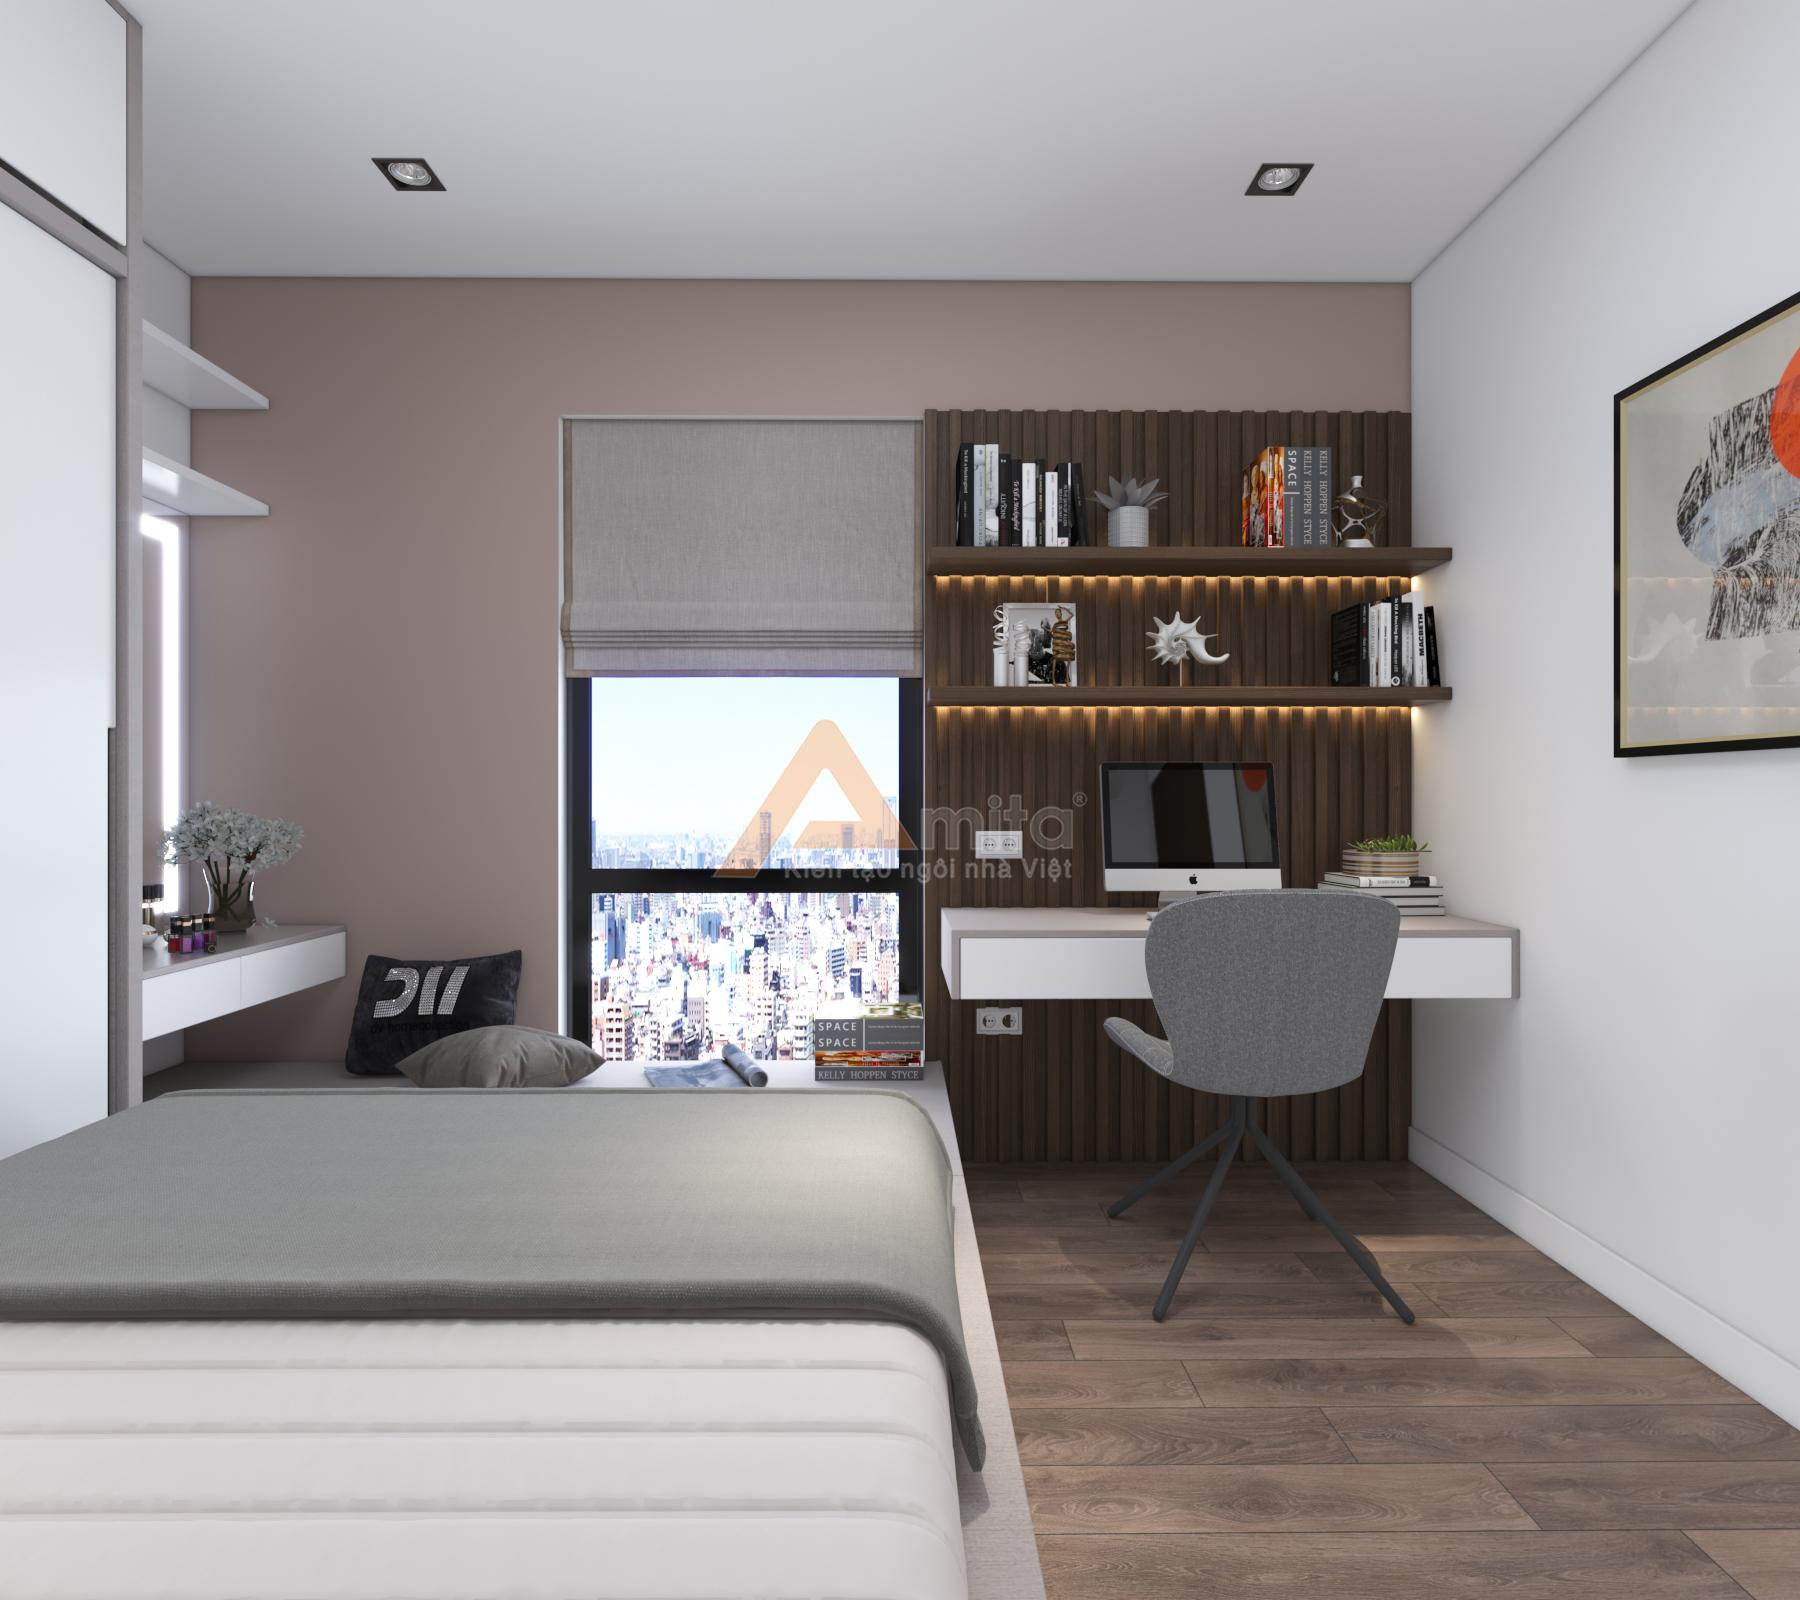 thiết kế nội thất chung cư tại Hà Nội Chung cư New Skyline - Văn Quán 13 1572341533